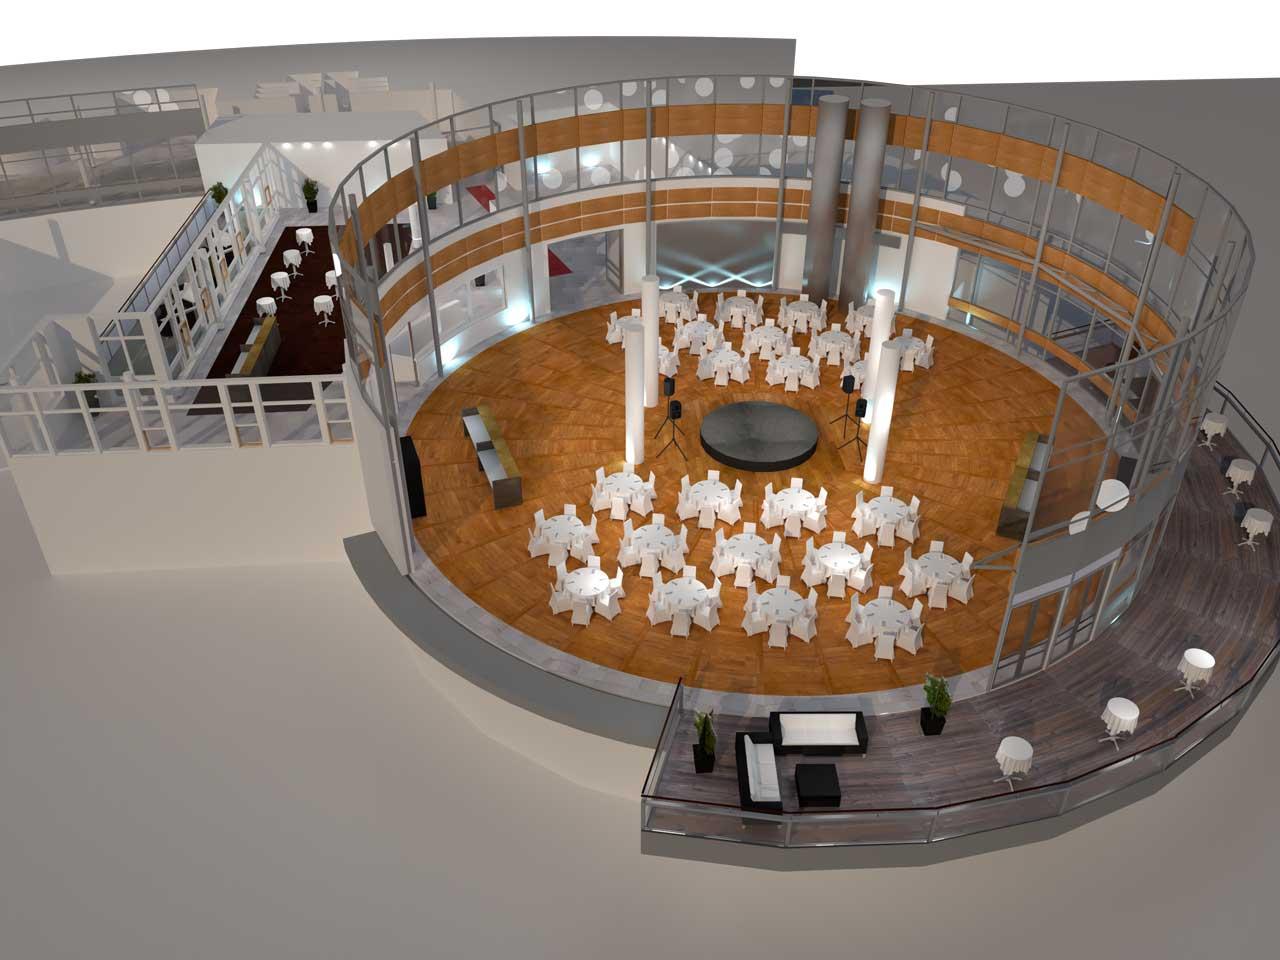 Placeringsskiss, Ursvik Entré Festvåning, 156 middagsgäster